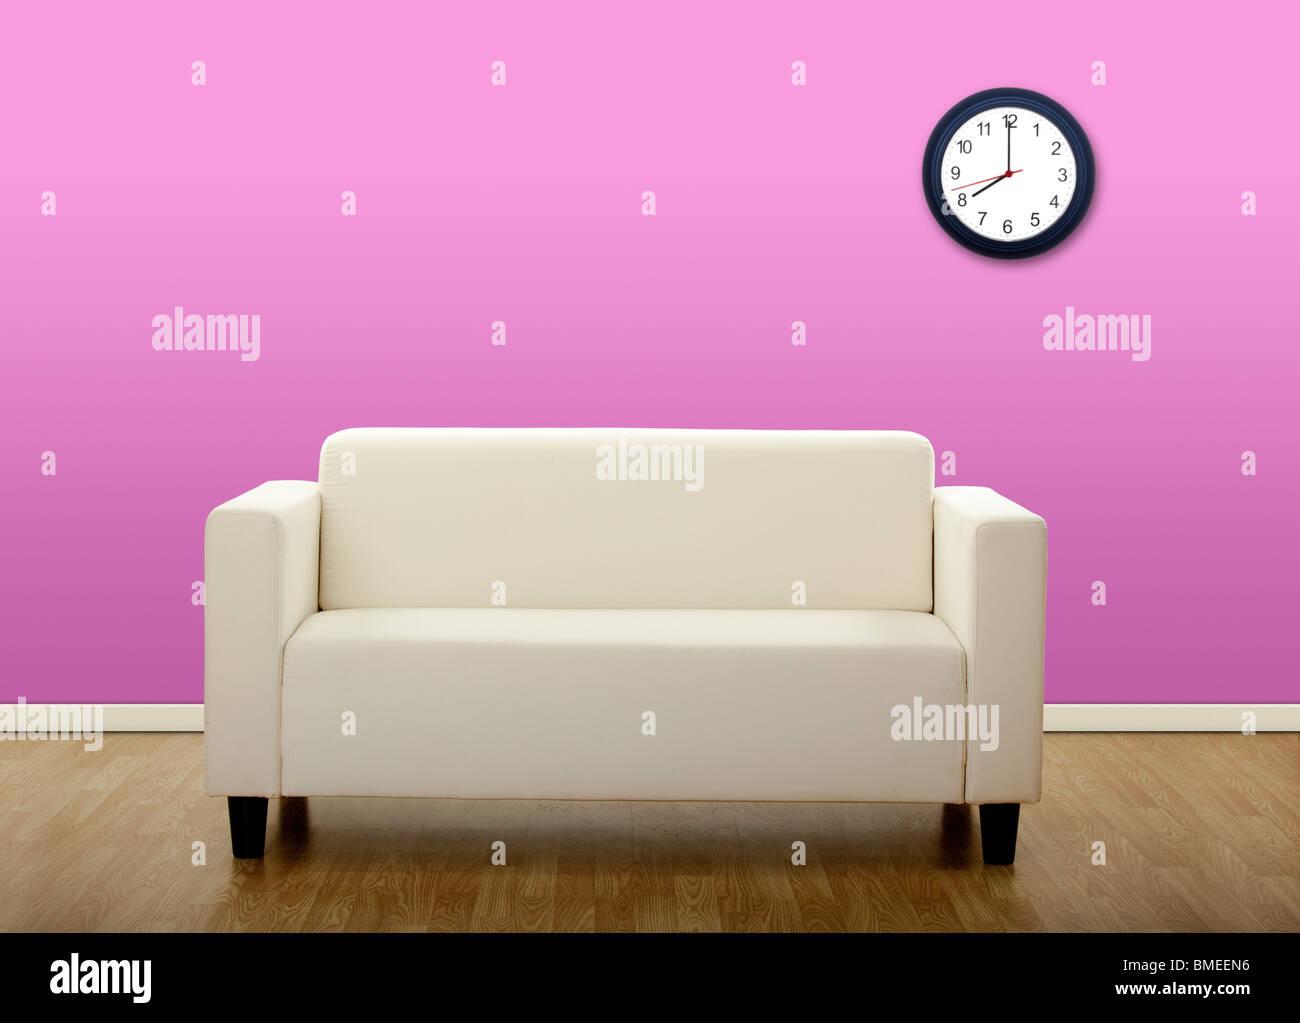 Photo d'une chambre avec un canapé dans le centre Photo Stock